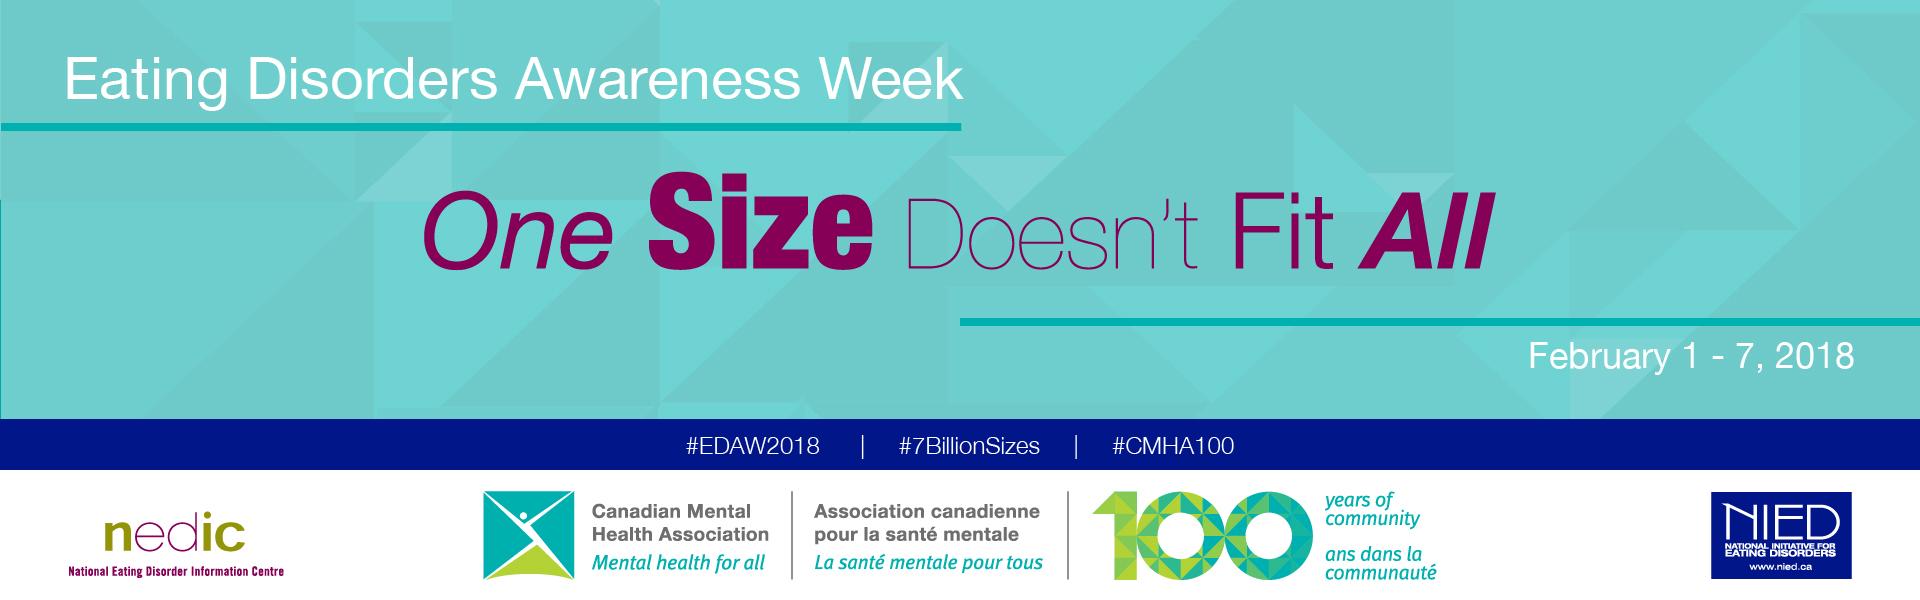 CMHA observes Eating Disorders Awareness Week, February 1-7, 2018